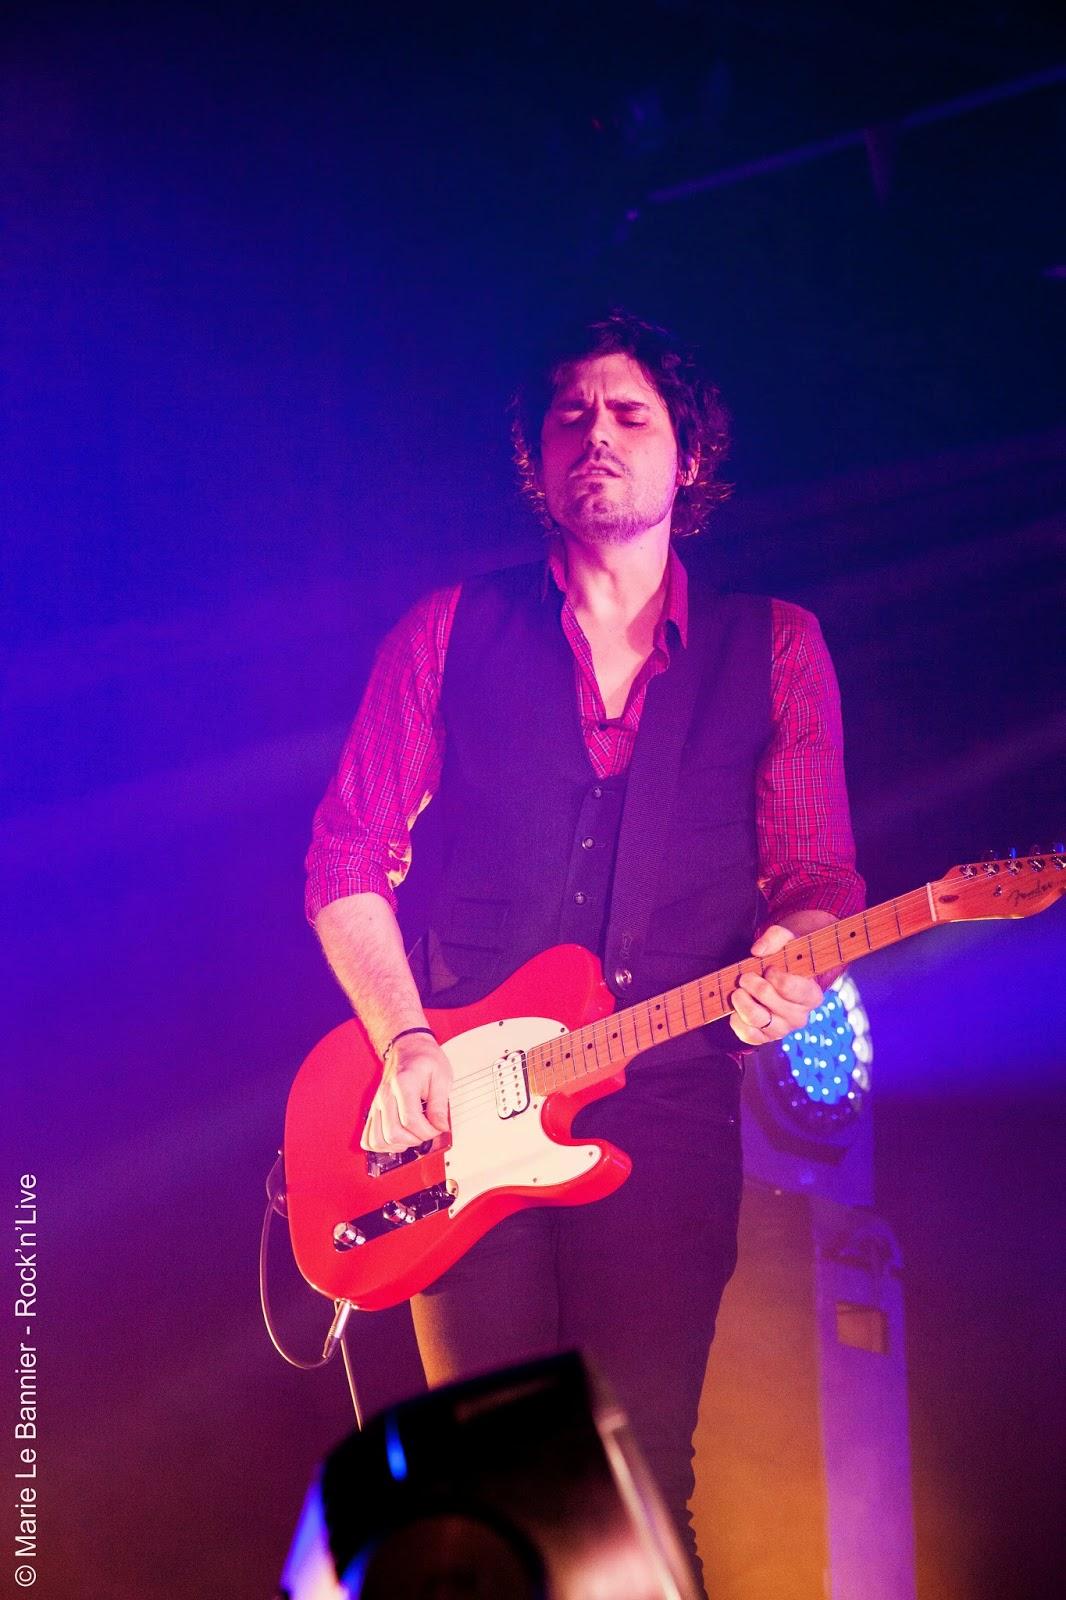 Kyo Zénith Paris Benoît Poher Florian Dubos Concert Live Pop Rock Rock'n'Live Marie Le Bannier Report Le chemin Dernière danse L'équilibre Le Graal